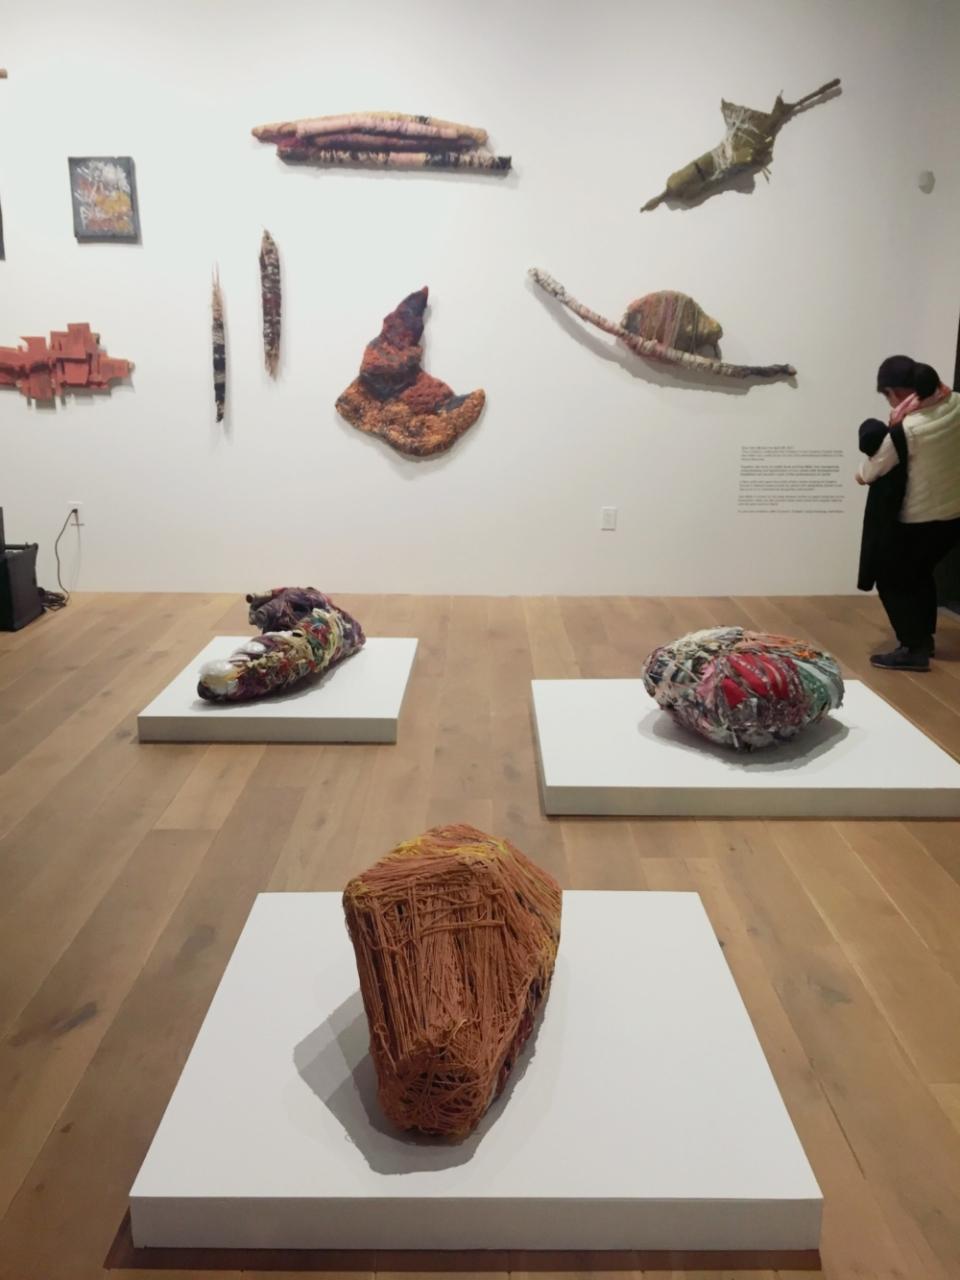 (写真について)サンフランシスコのギャラリー〈836M〉にて開催されていた、クリエイティブ・グロース・アートセンターのアーティスト、ジュディス・スコット(写真)と、ダン・ミラーの展覧会。